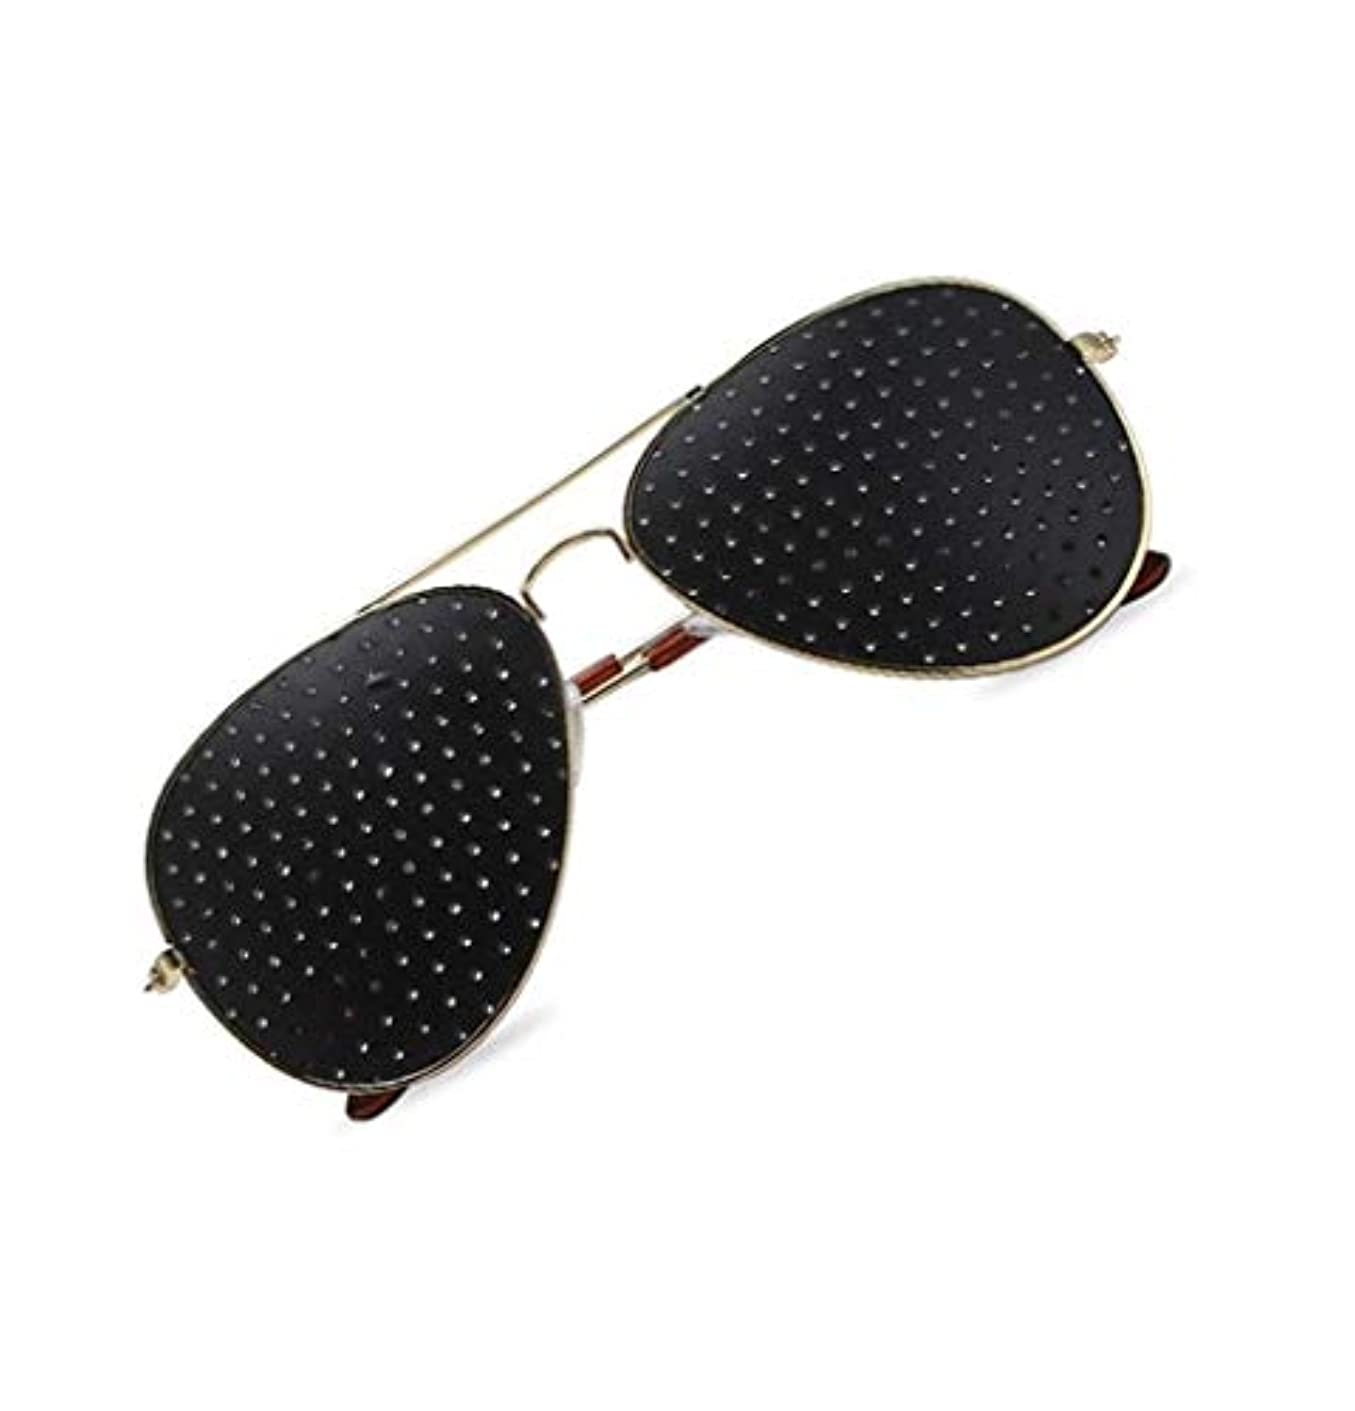 アパート卒業夢中ピンホールメガネ、視力矯正メガネ網状視力保護メガネ耐疲労性メガネ近視の防止メガネの改善